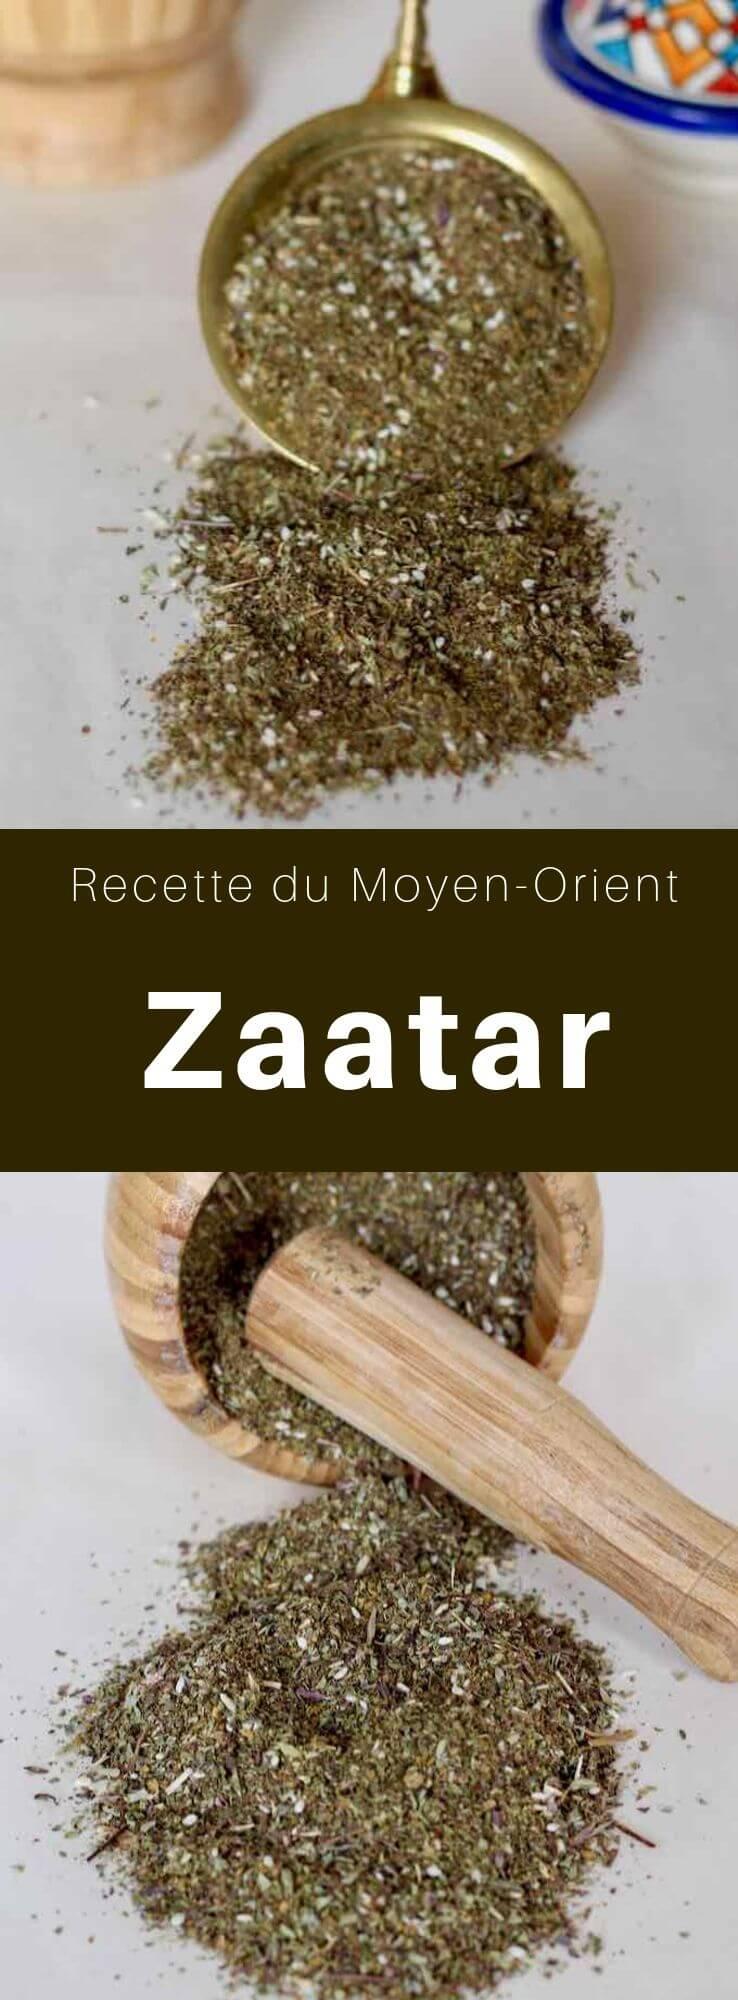 Le zaatar, un mélange d'épices traditionnel du Moyen-Orient, comprend thym, hysope, origan, marjolaine, sarriette, sumac et graines de sesame. #CuisineDuMoyenOrient #MoyenOrient #CuisineDuMonde #196flavors